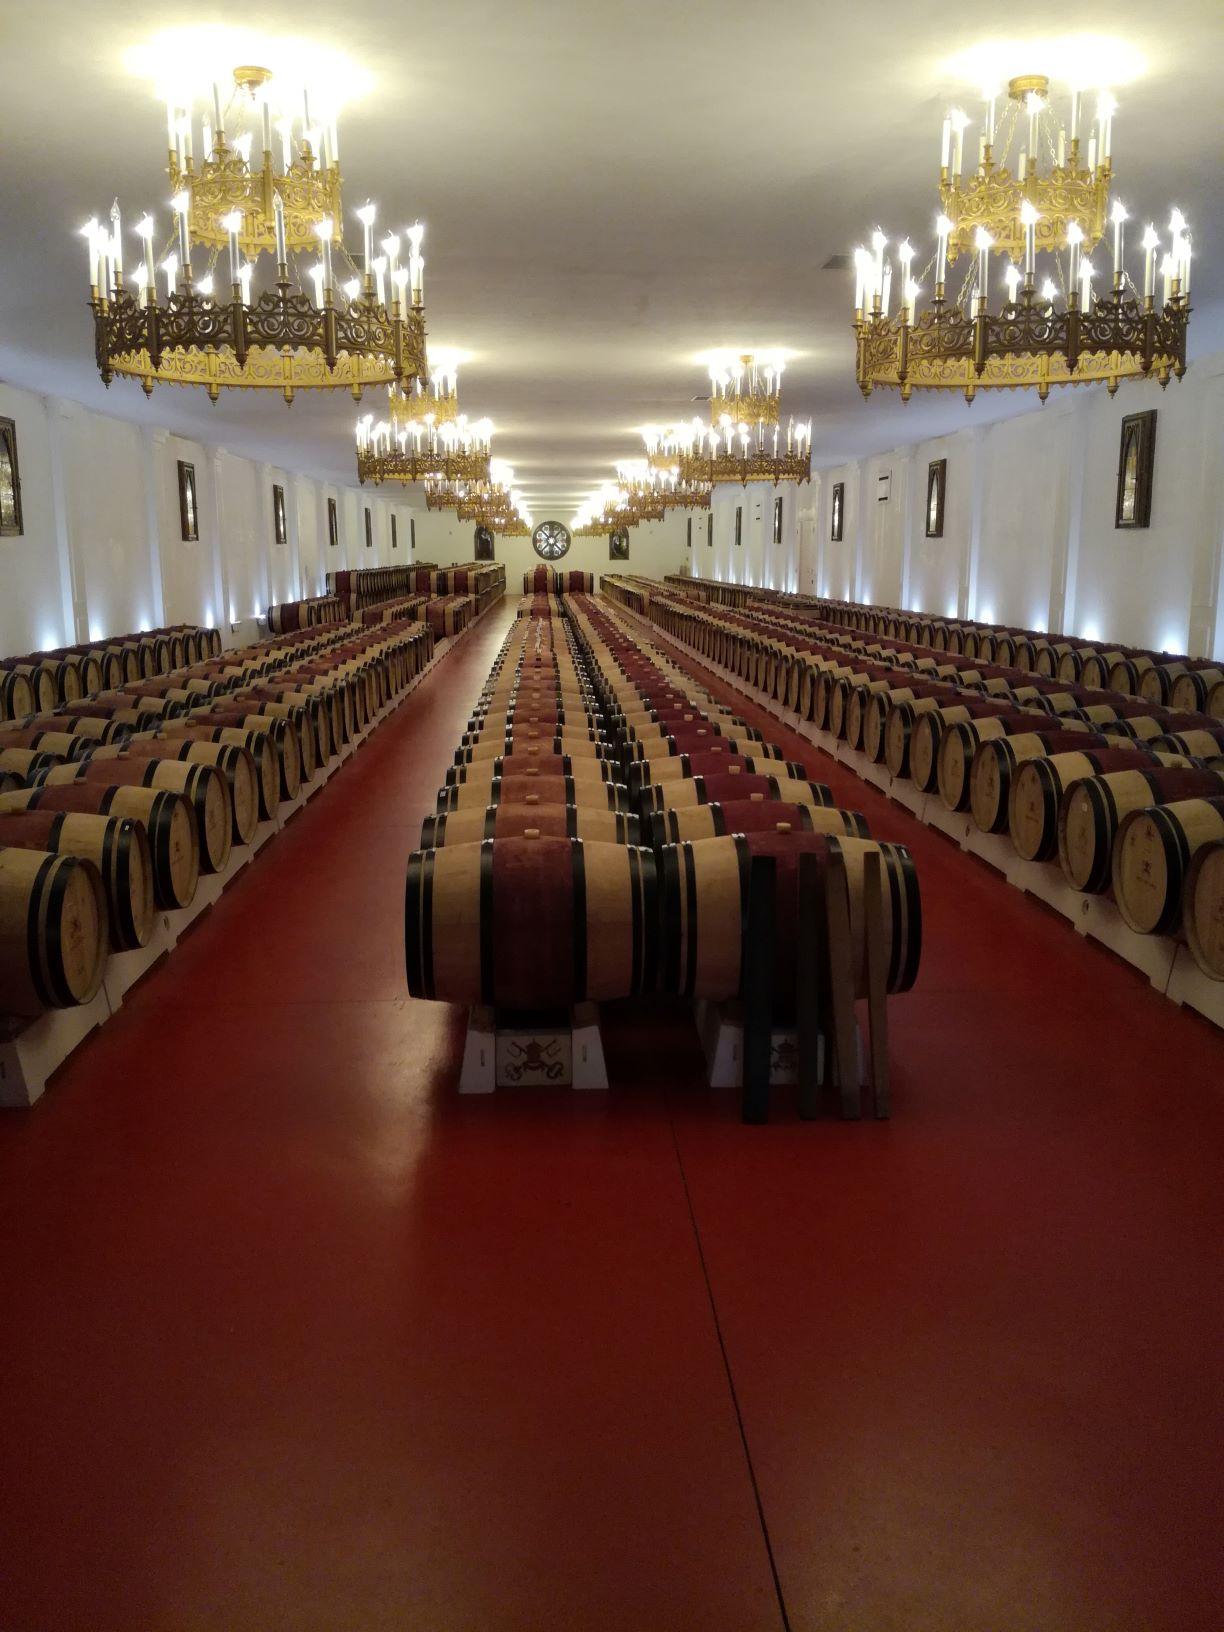 Chateau pape clement le chai avenir serenite patrimoine